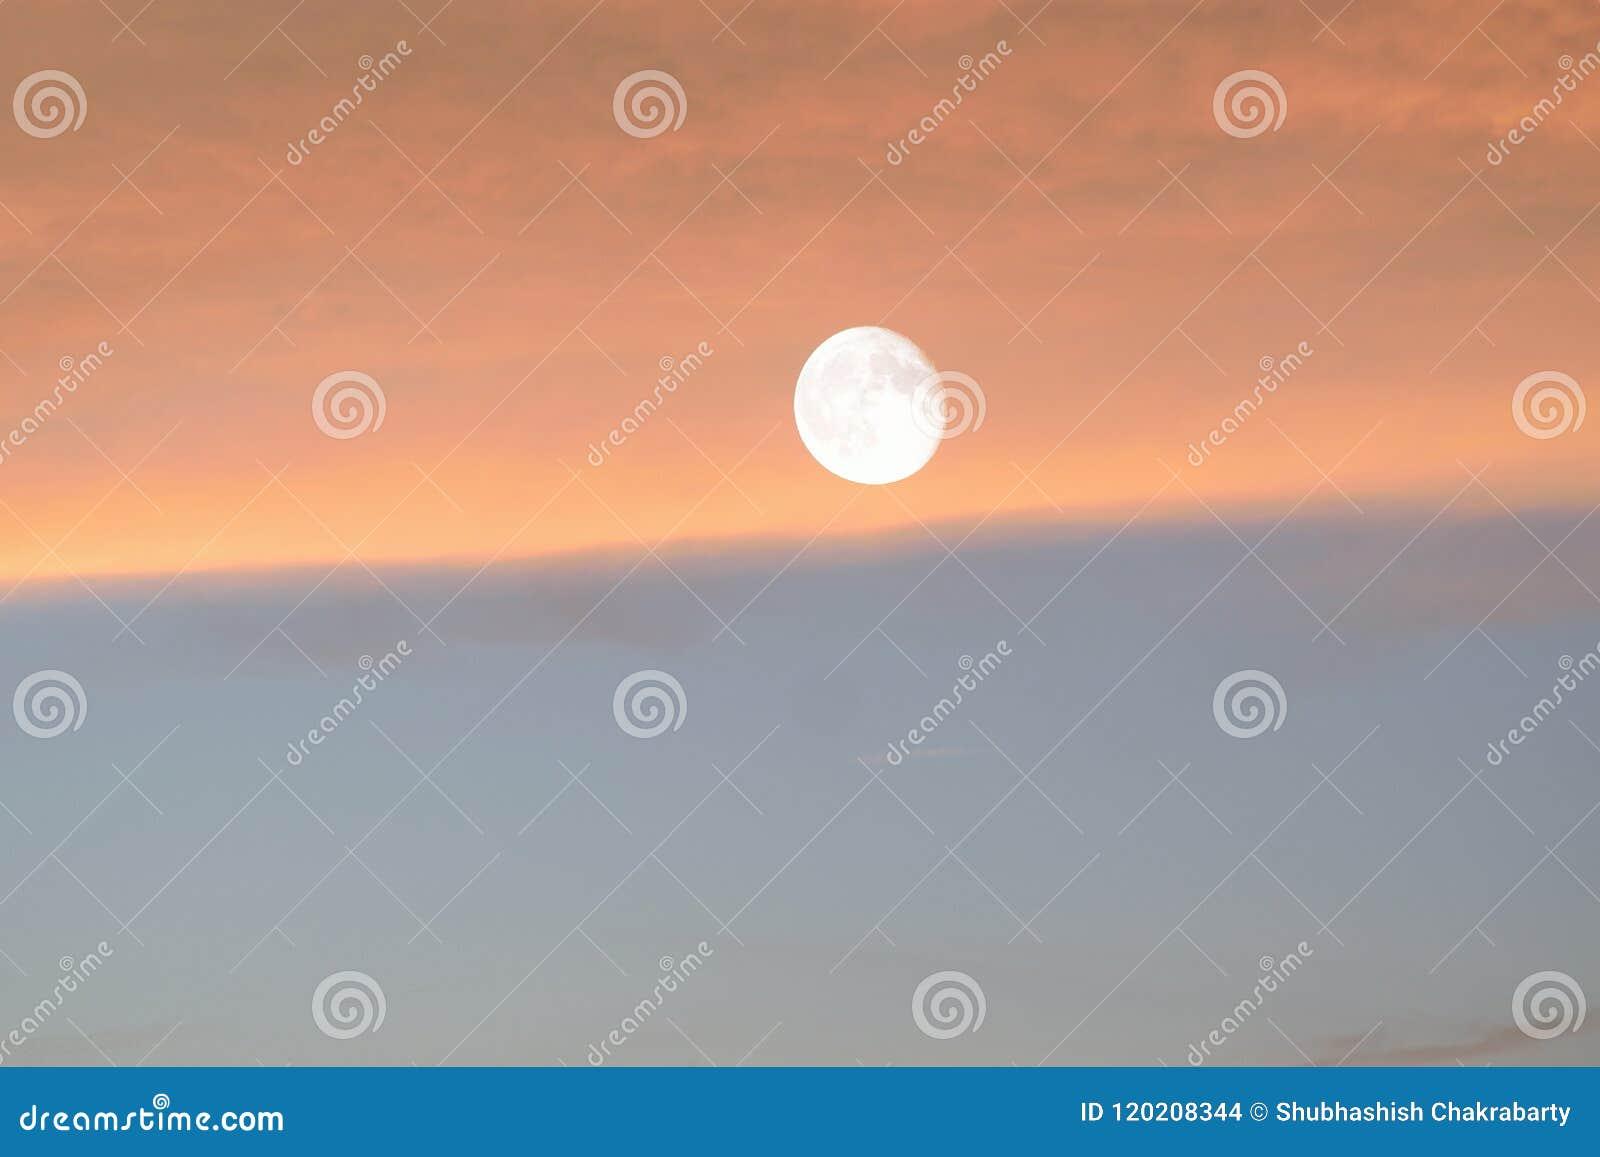 Fond de nature de pleine lune brillante en ciel de crépuscule